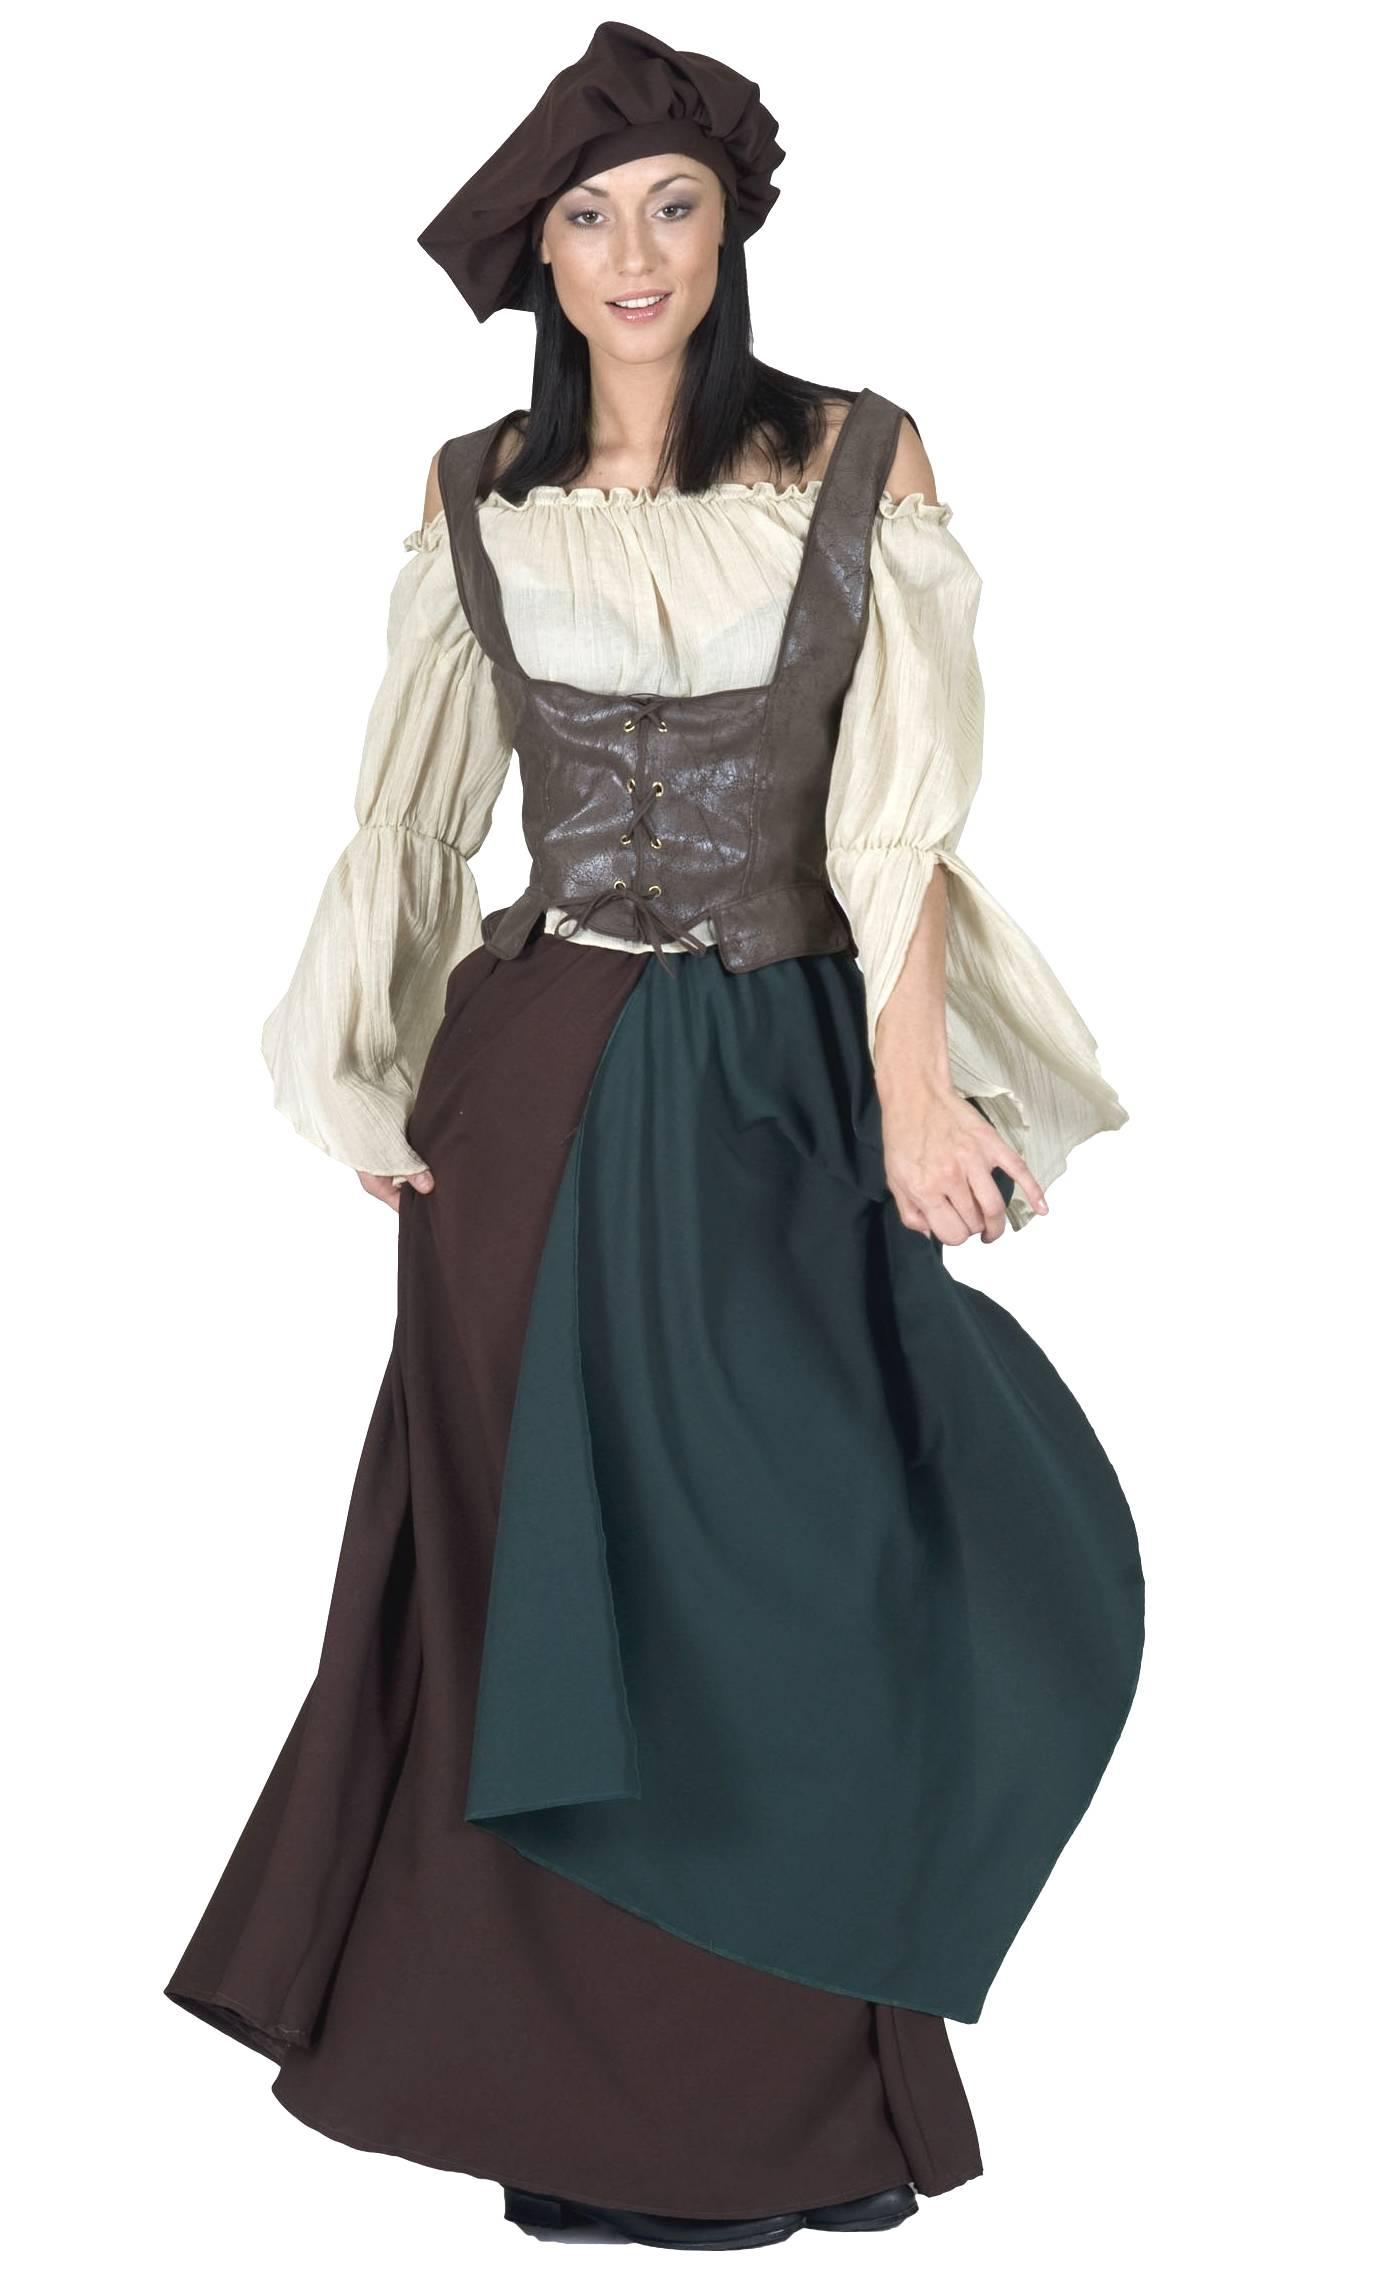 Costume-Médiévale-F28